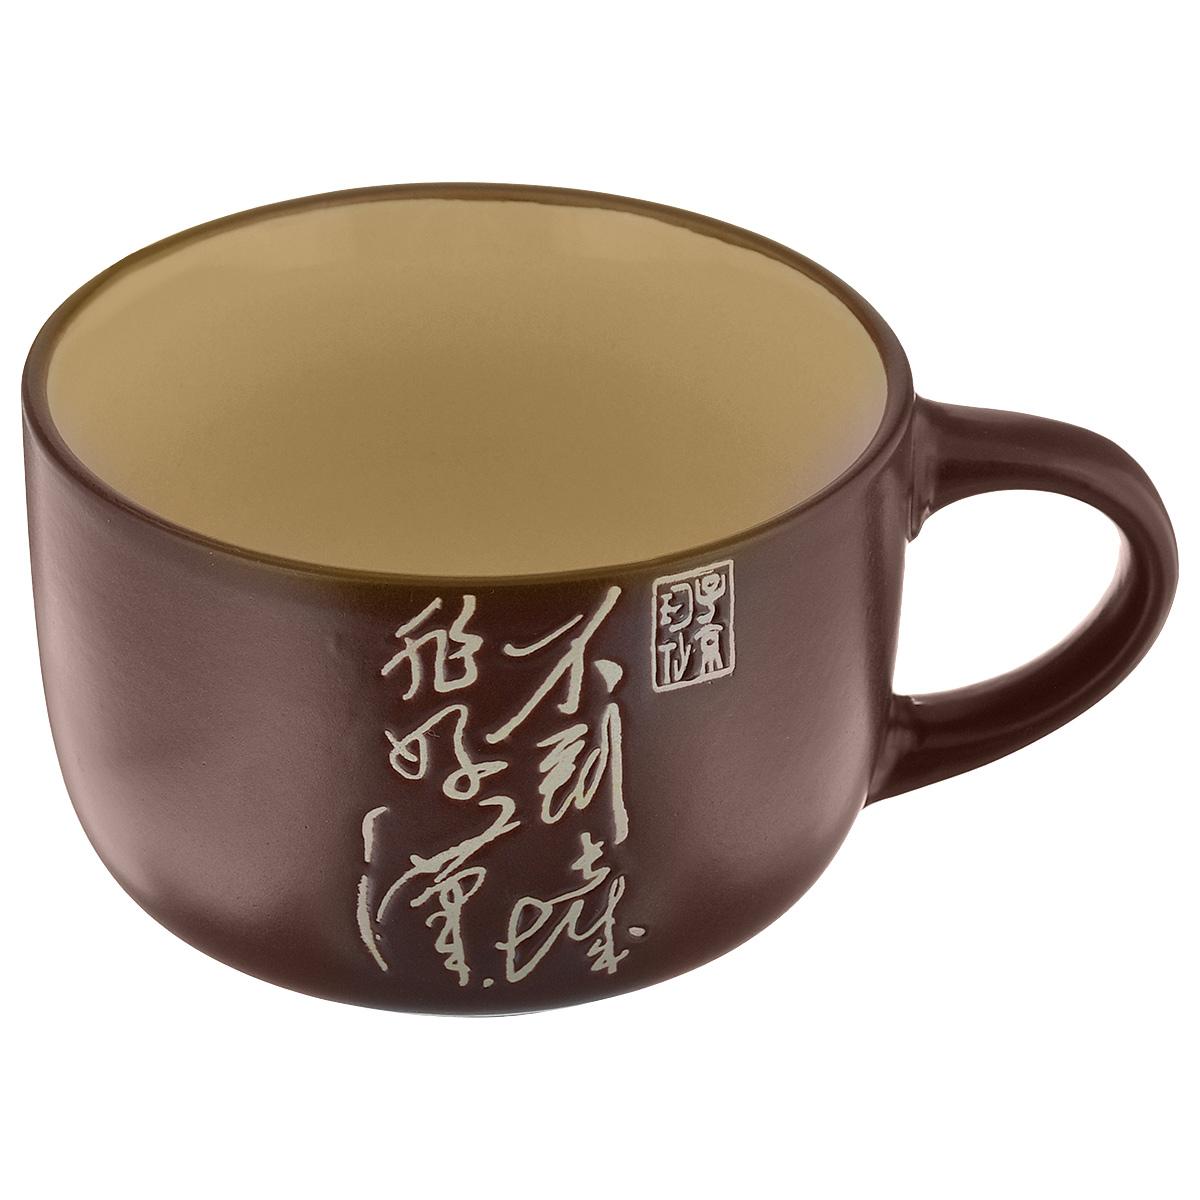 Чашка Wing Star, цвет: темно-коричневый, 460 млLJ2136-3185BЧашка Wing Star изготовлена из высококачественной керамики. Wing Star - качественная керамическая посуда из обожженной, глазурованной снаружи и изнутри глины с оригинальными рисунками. При изготовлении данной посуды широко используется рельефный способ нанесения декора, когда рельефная поверхность подготавливается в процессе формовки и изделие обрабатывается с уже готовым декором. Благодаря этому достигается эффект неровного на ощупь рисунка, как бы утопленного внутрь глазури и являющегося его естественным элементом. Чашку можно использовать в СВЧ и мыть в посудомоечной машине. Внутренний диаметр: 10,5 см. Высота стенки: 7,5 см. Объем чашки: 460 мл.